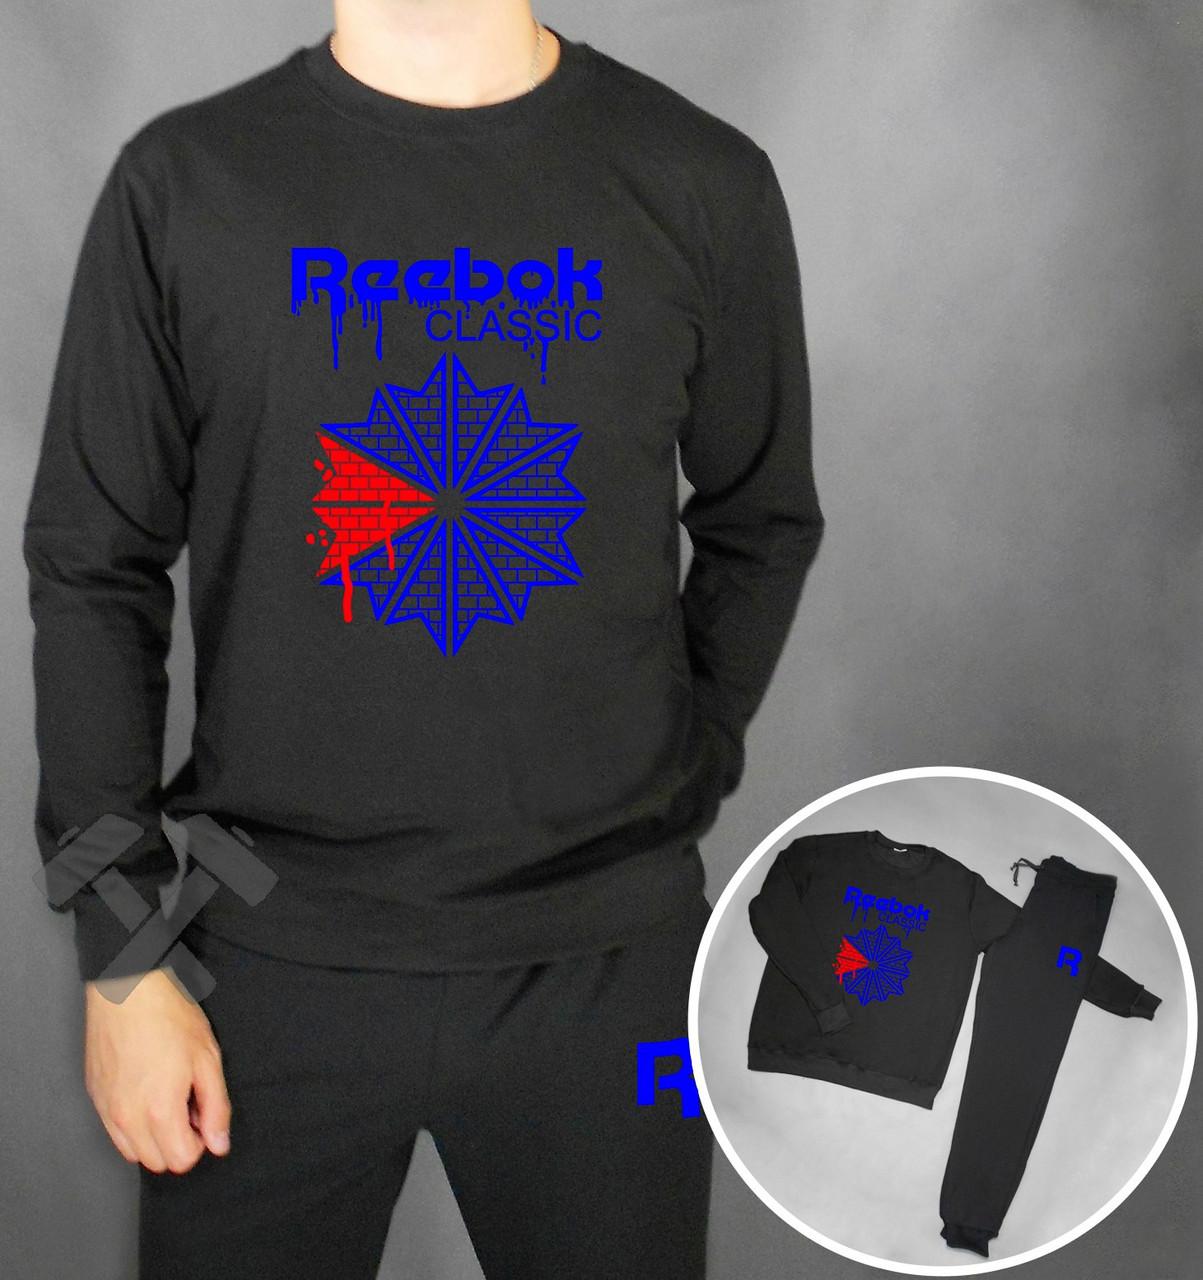 Спортивный костюм Reebok черного цвета с синим логотипом на груди